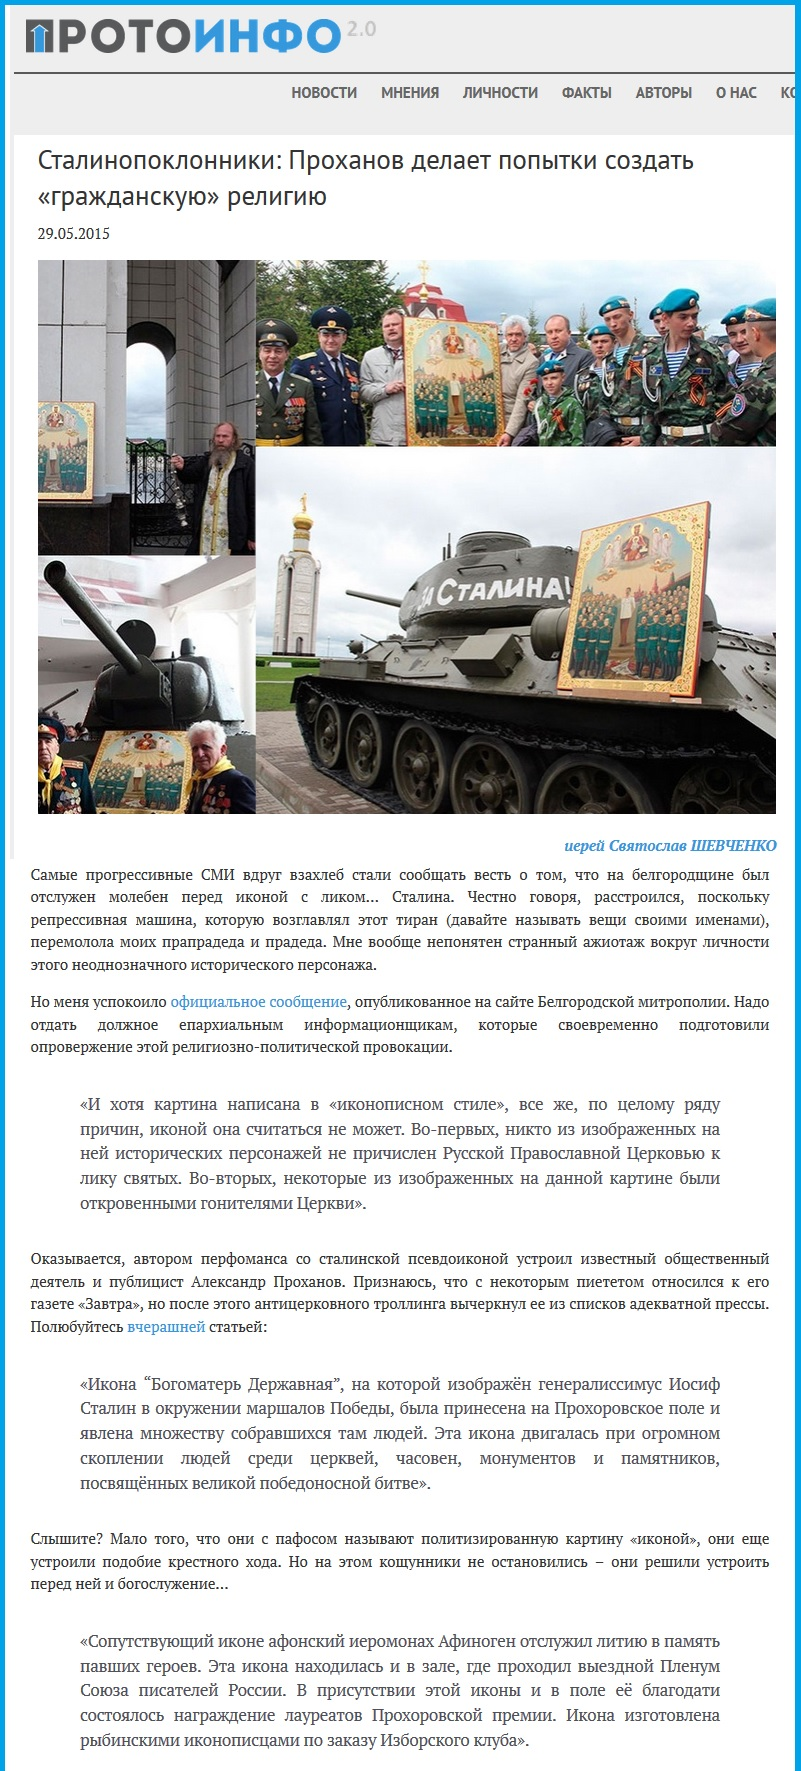 Проханов и святой Сталин. Протоиерей Св. Шевченко